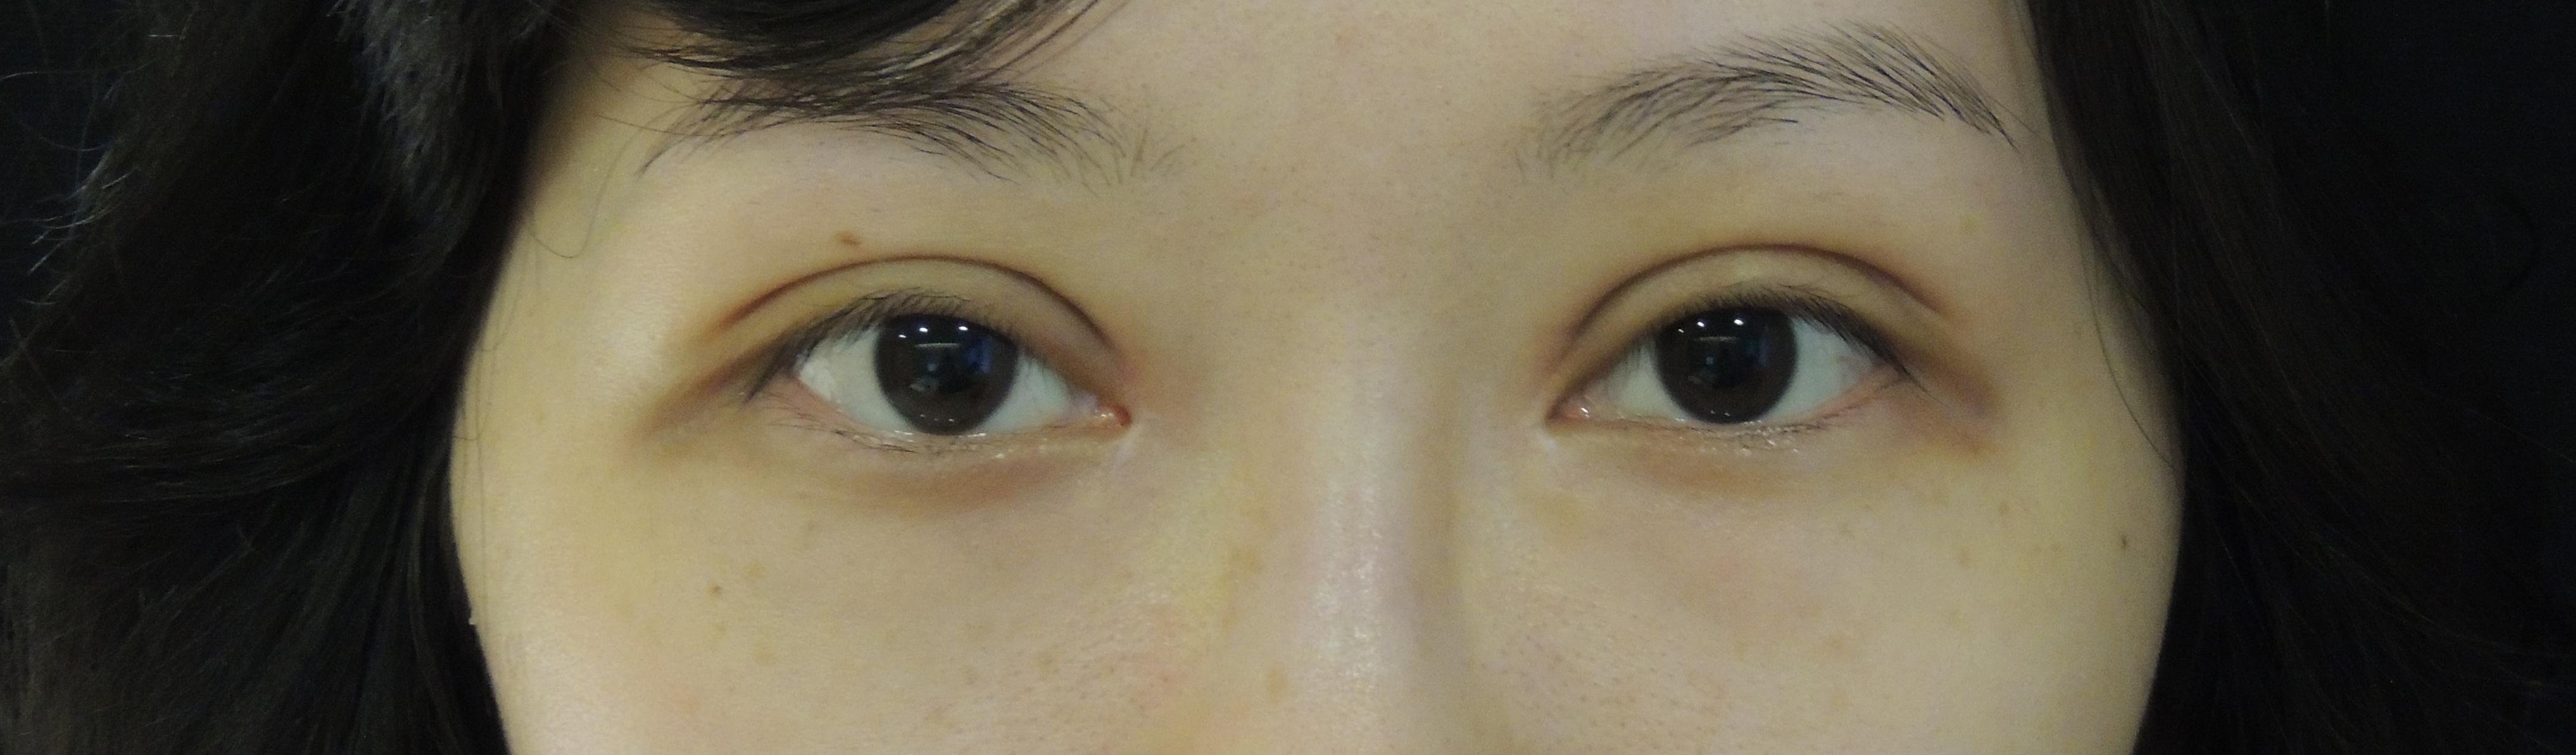 訂書針縫雙眼皮手術+開眼頭手術